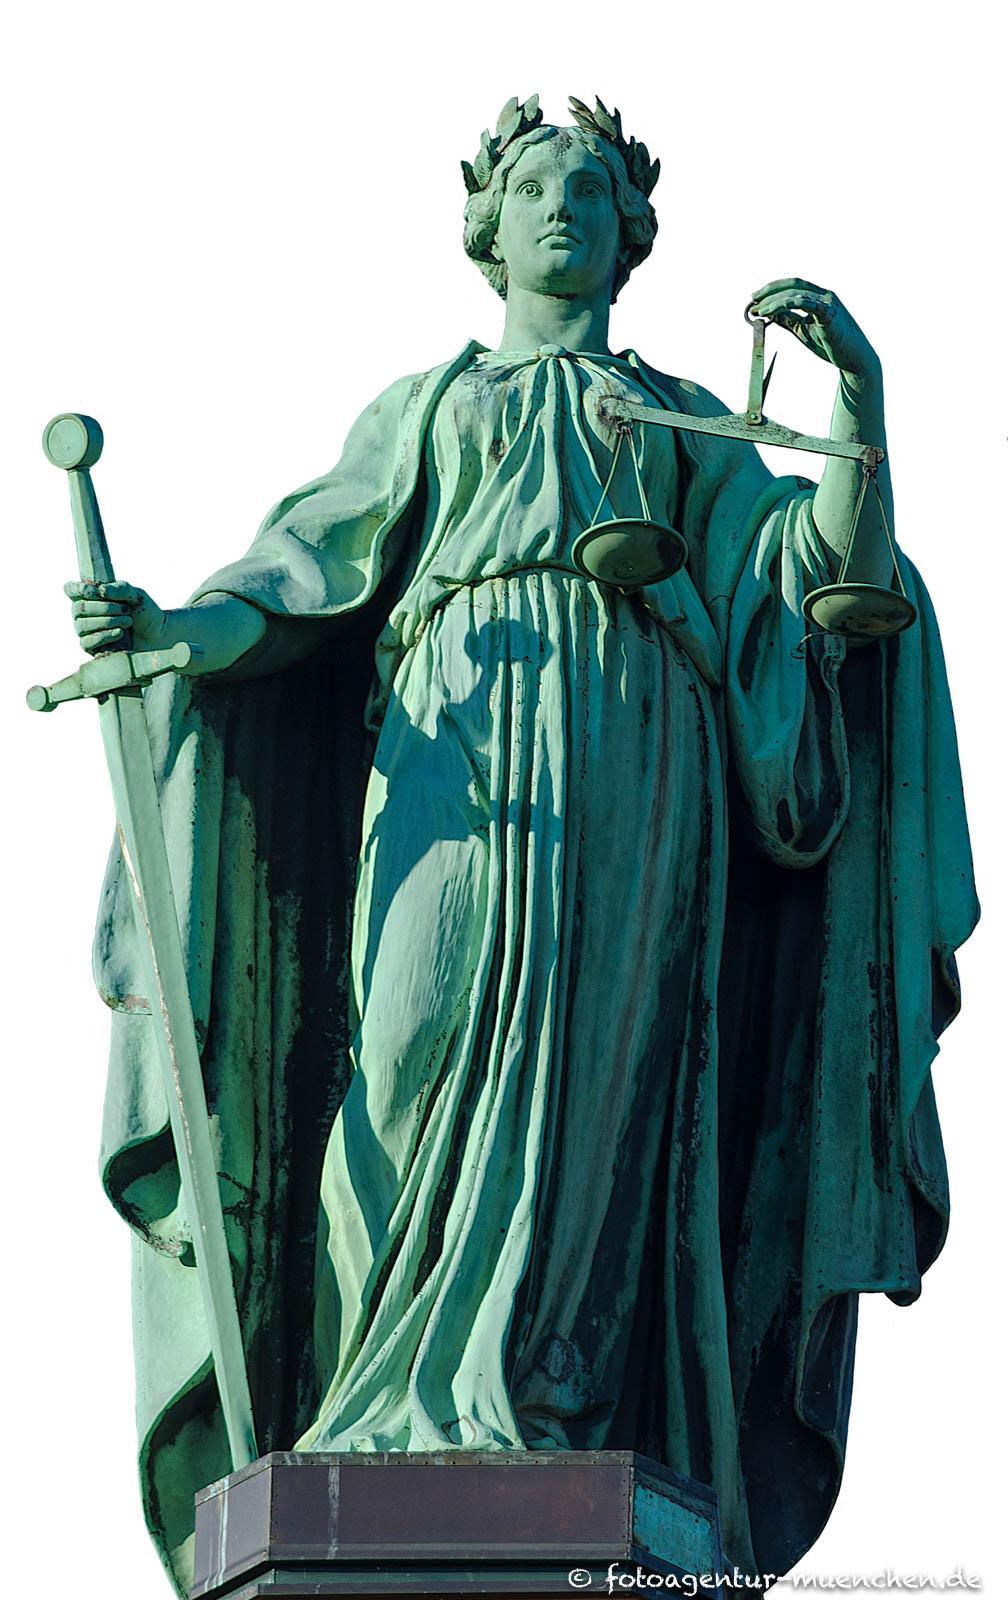 Giebelfigur - Regierung von Oberbayern